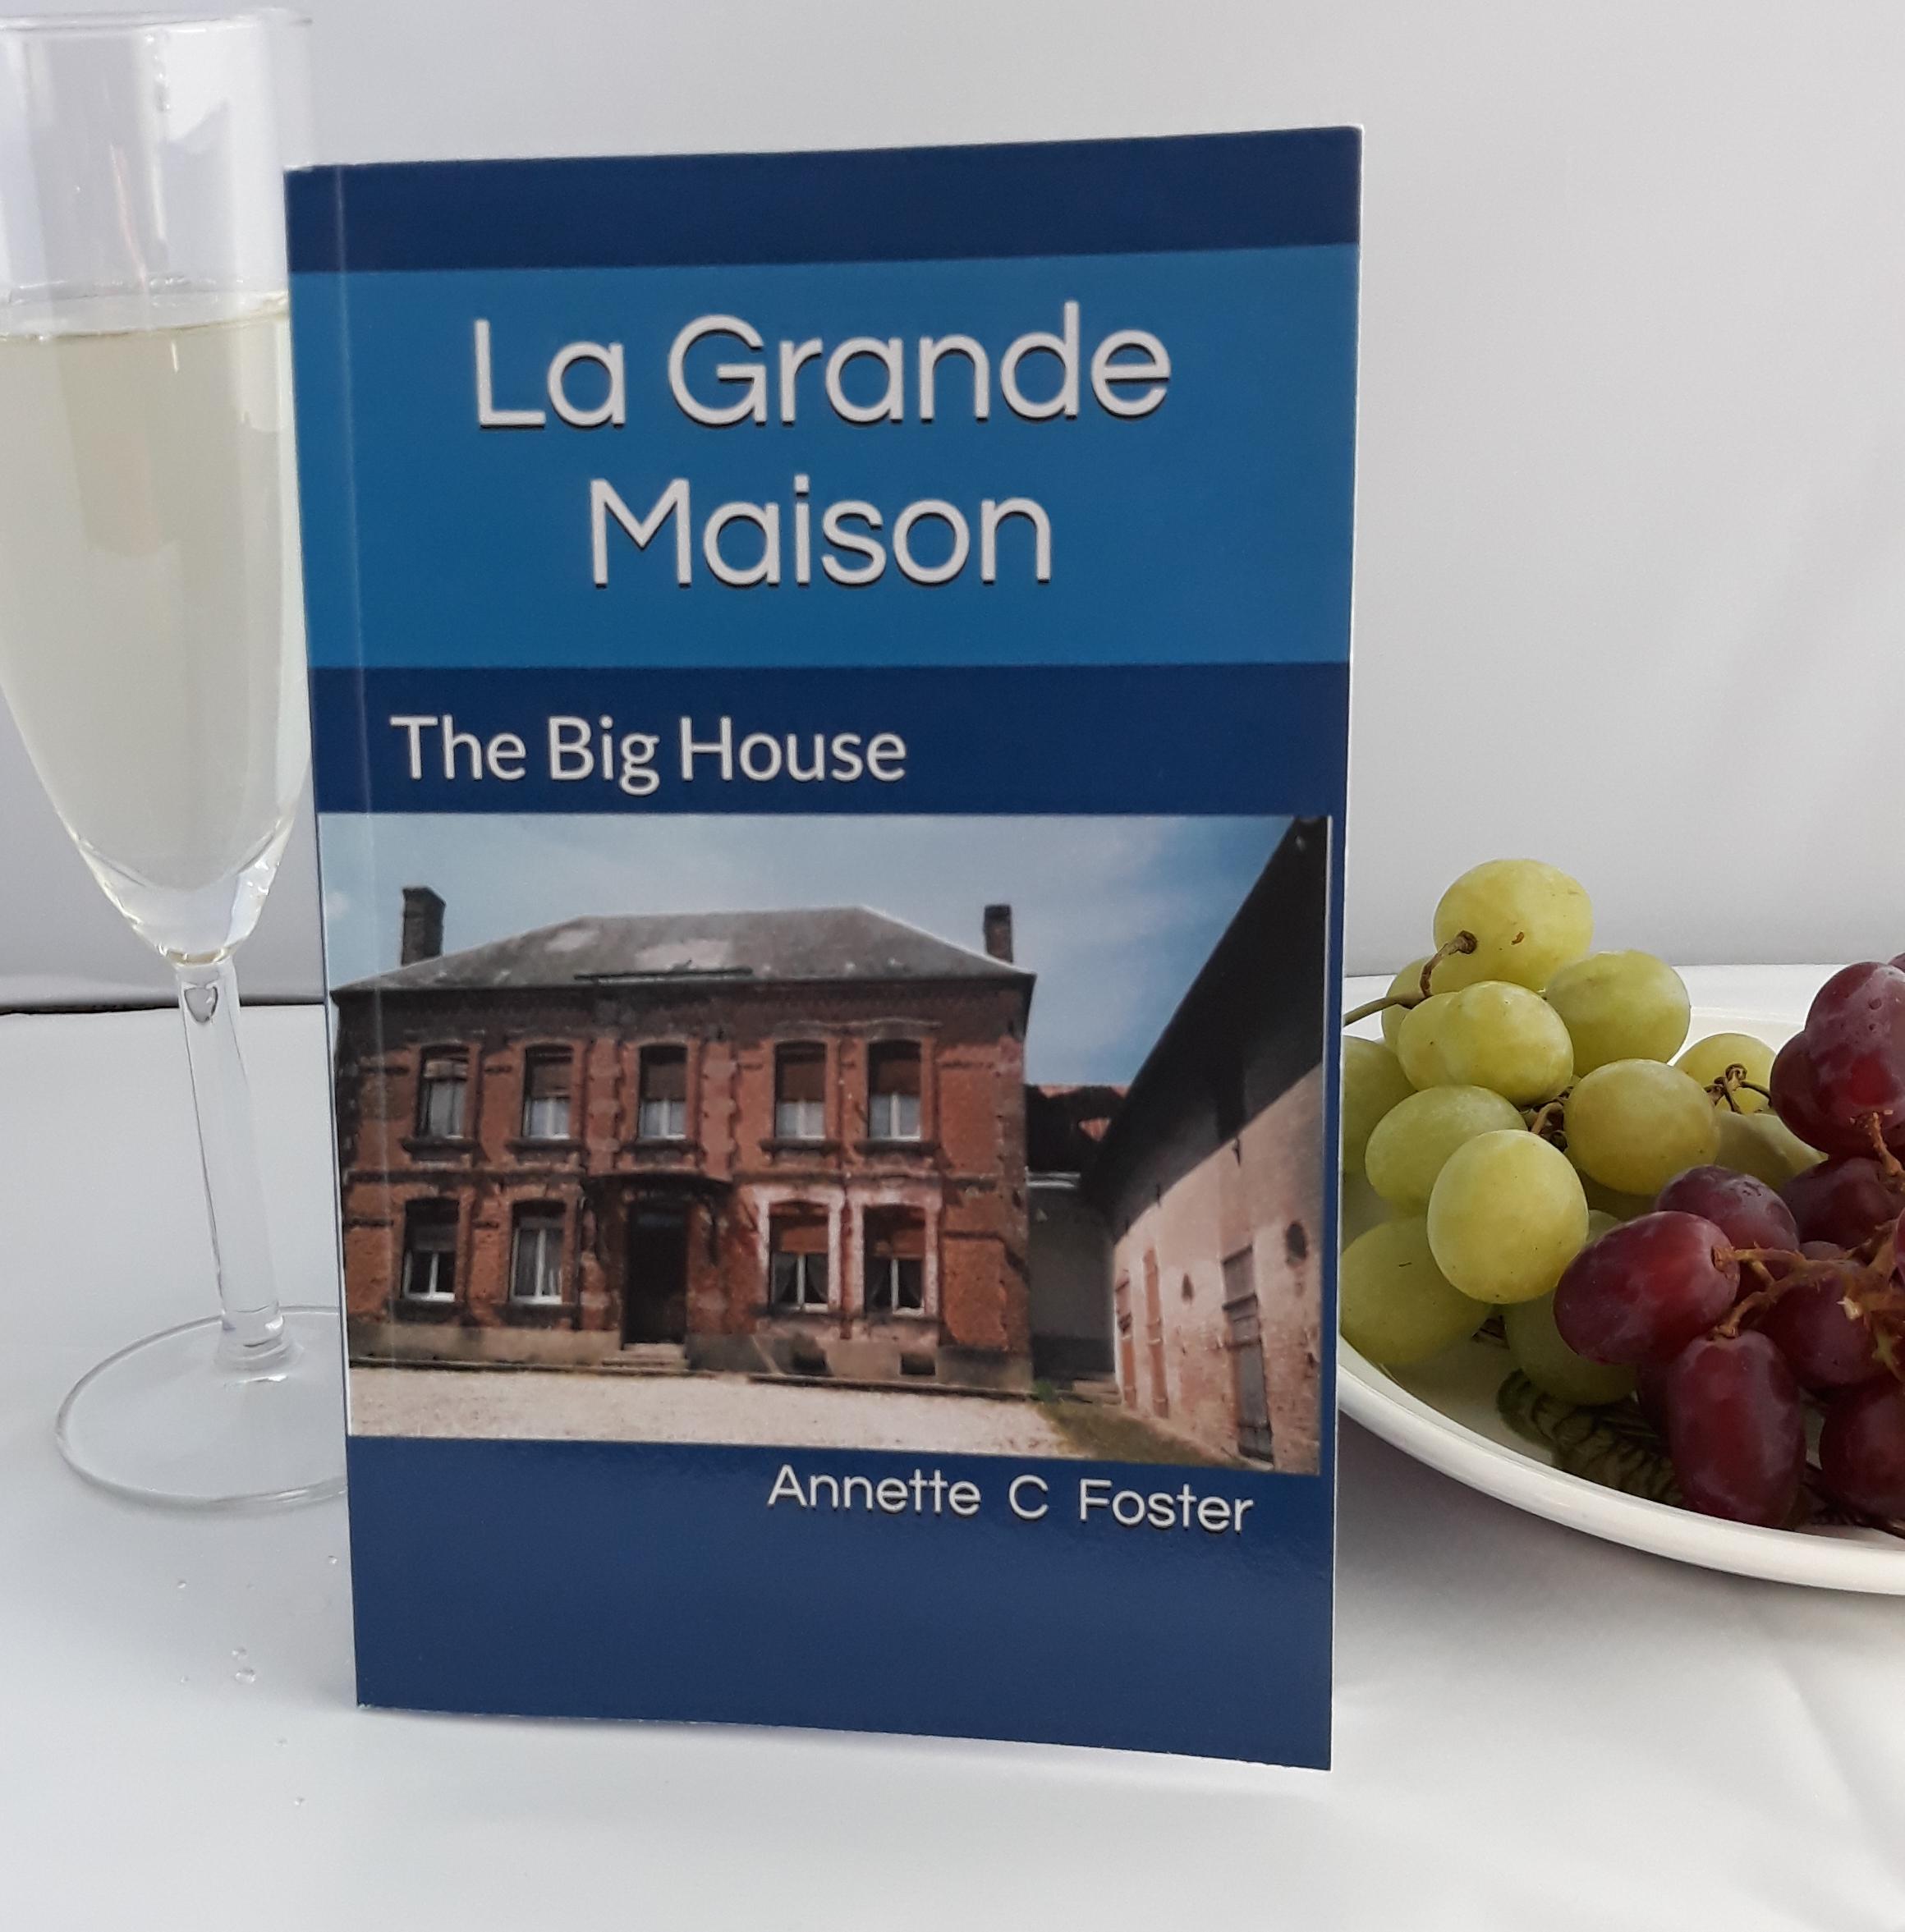 The book cover of 'La Grande Maison' by Annette C. Foster.